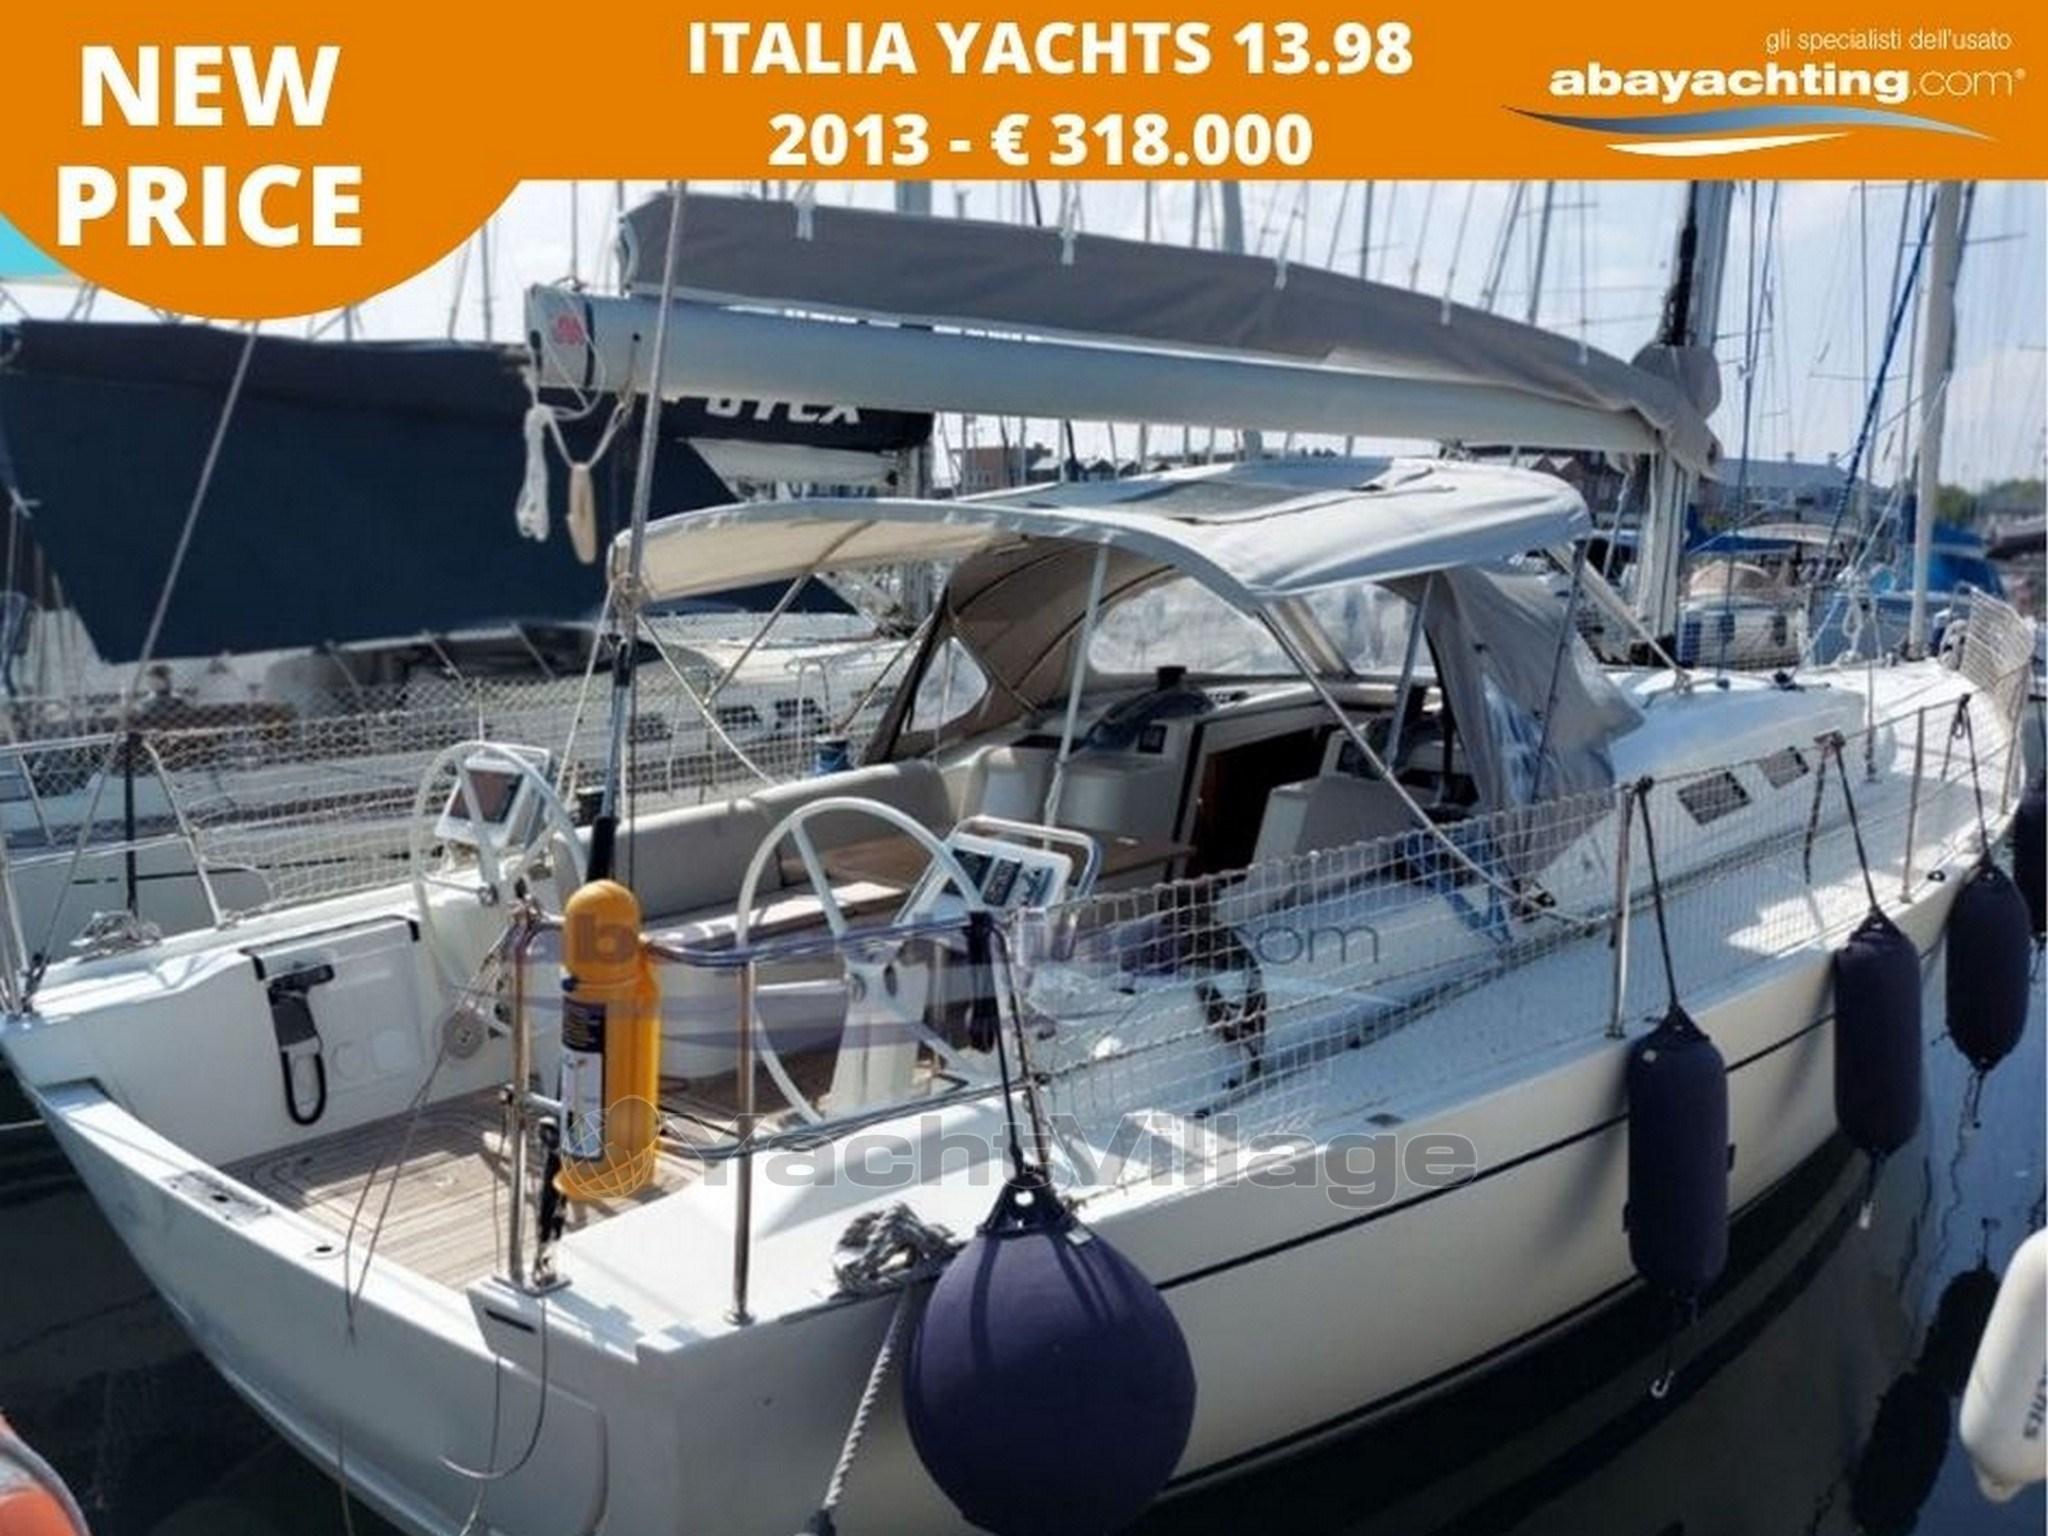 Nuovo prezzo Italia Yachts 13.98 Abayachting